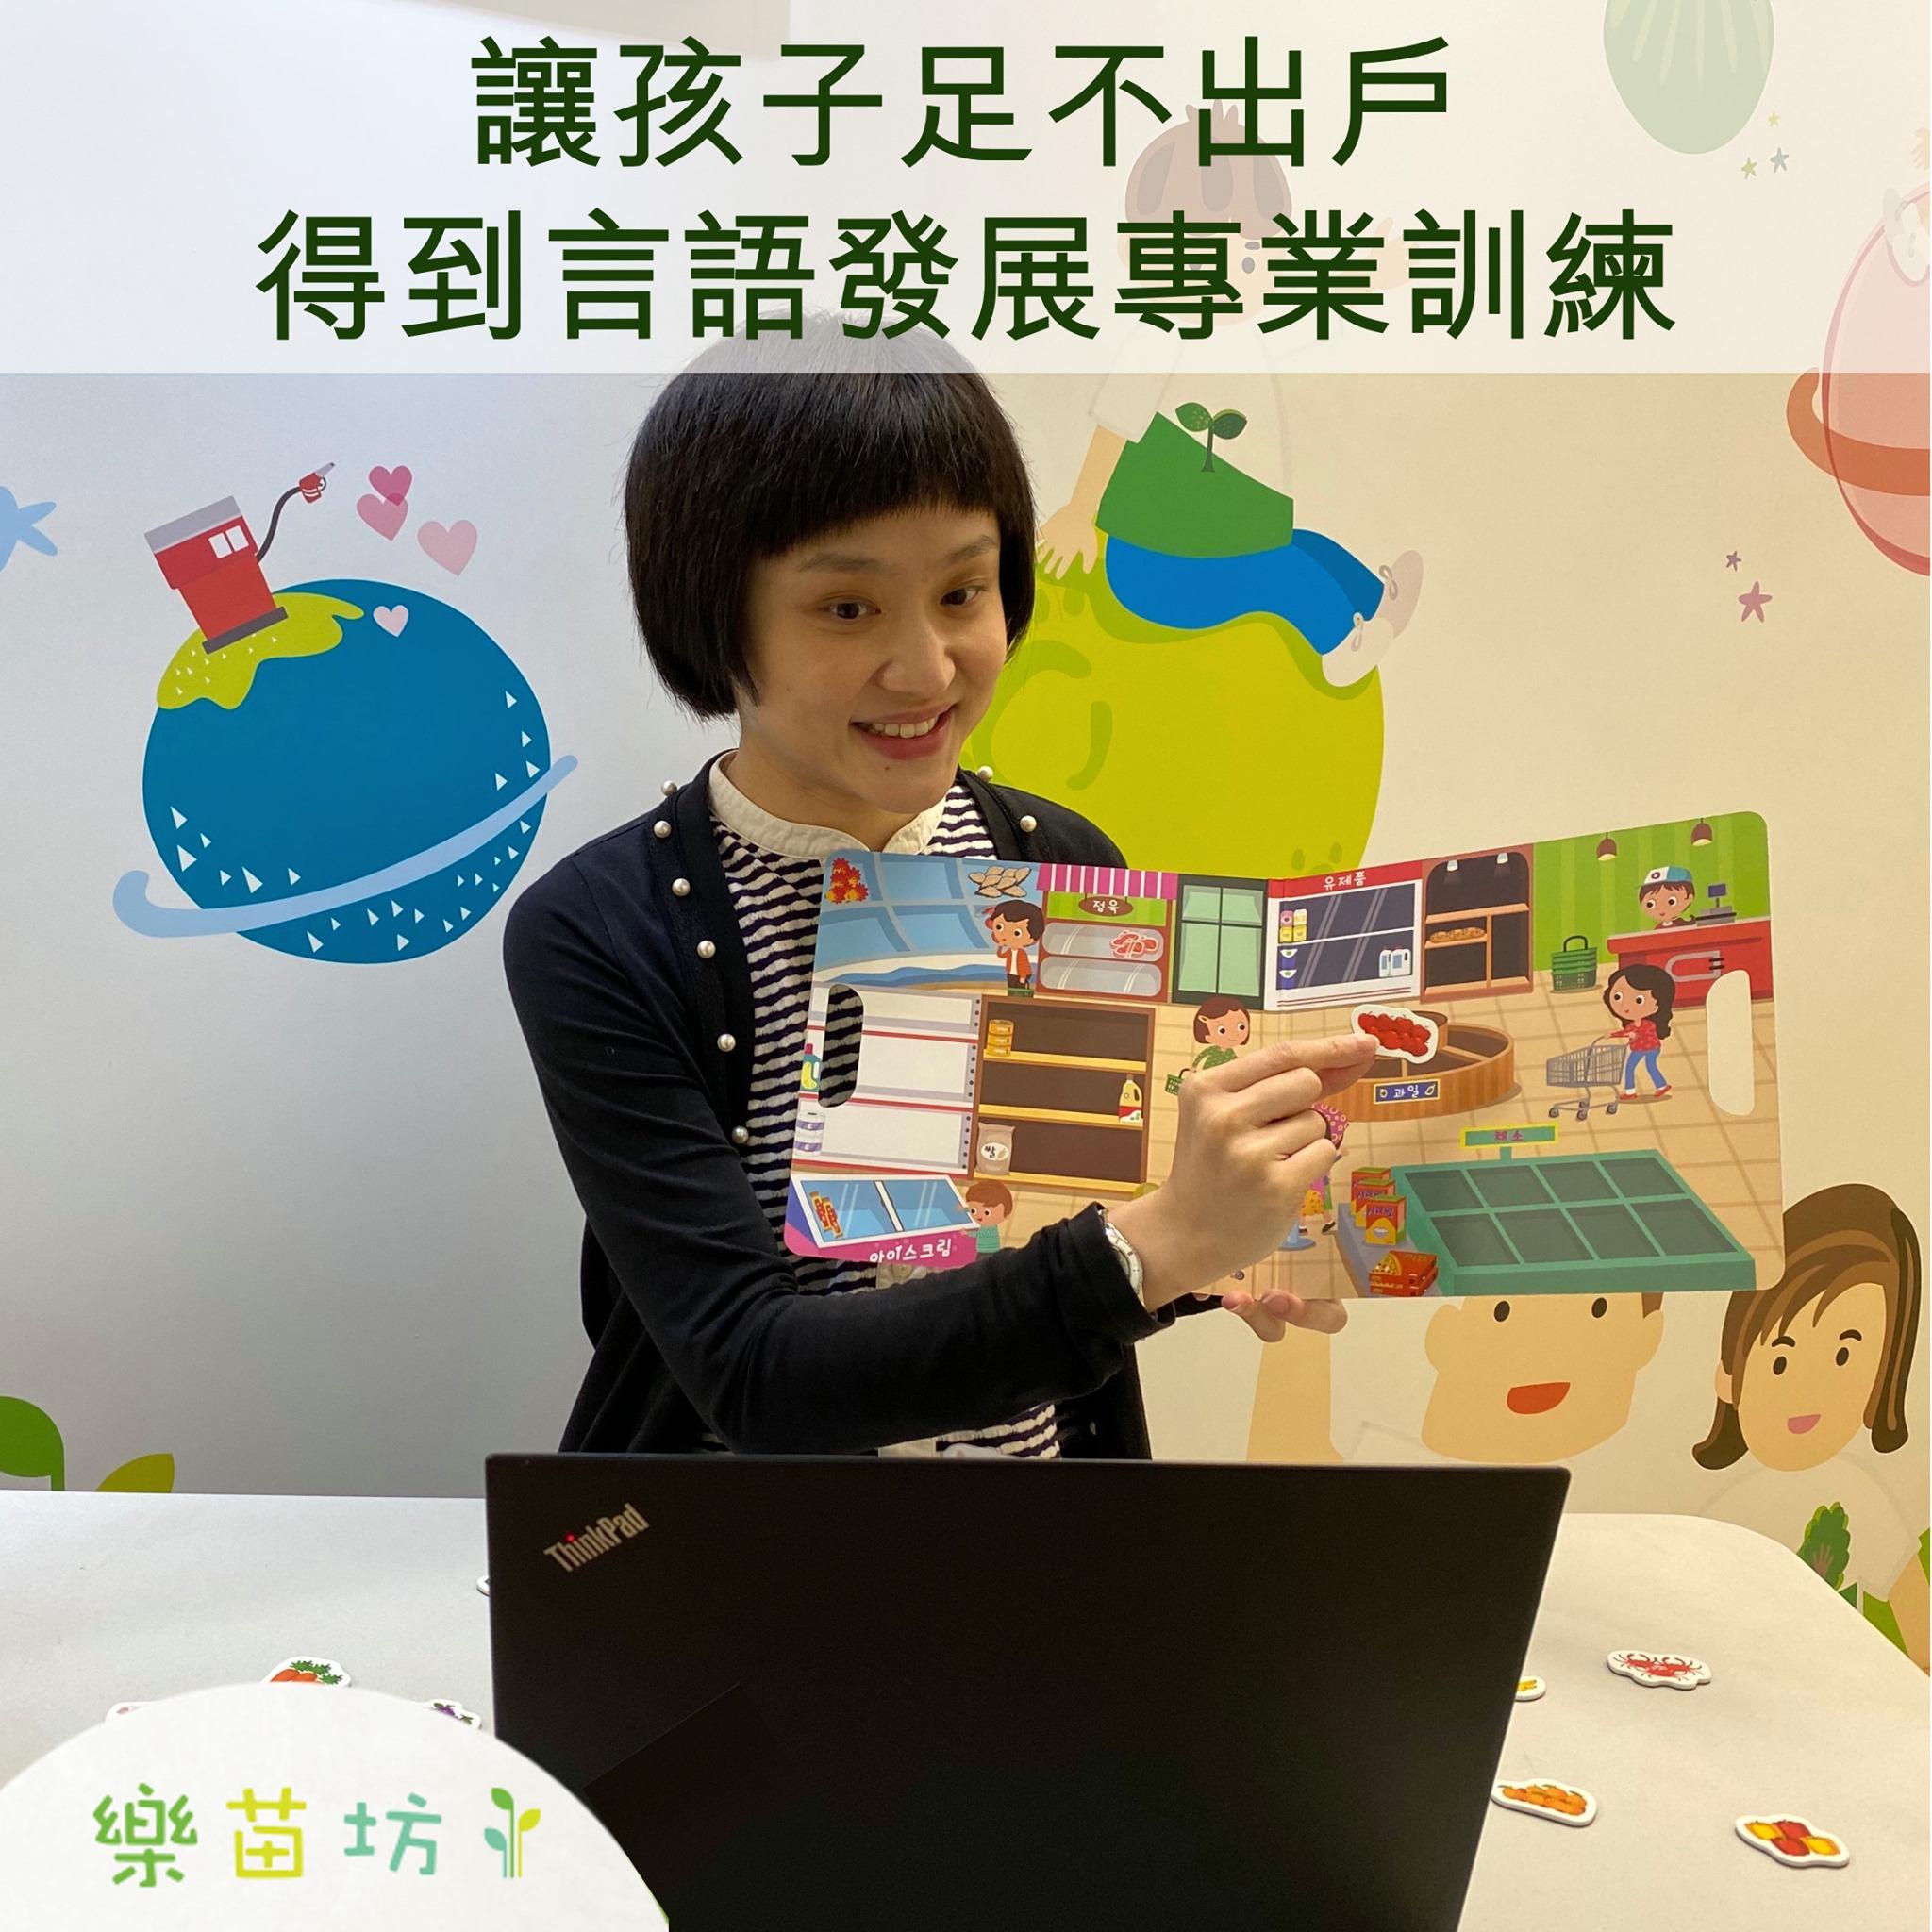 【Zoom視像版 💻 言語治療小組 💬 把握言語訓練黃金期 👂】 👉詳情:https://bit.ly/2WLFLuP